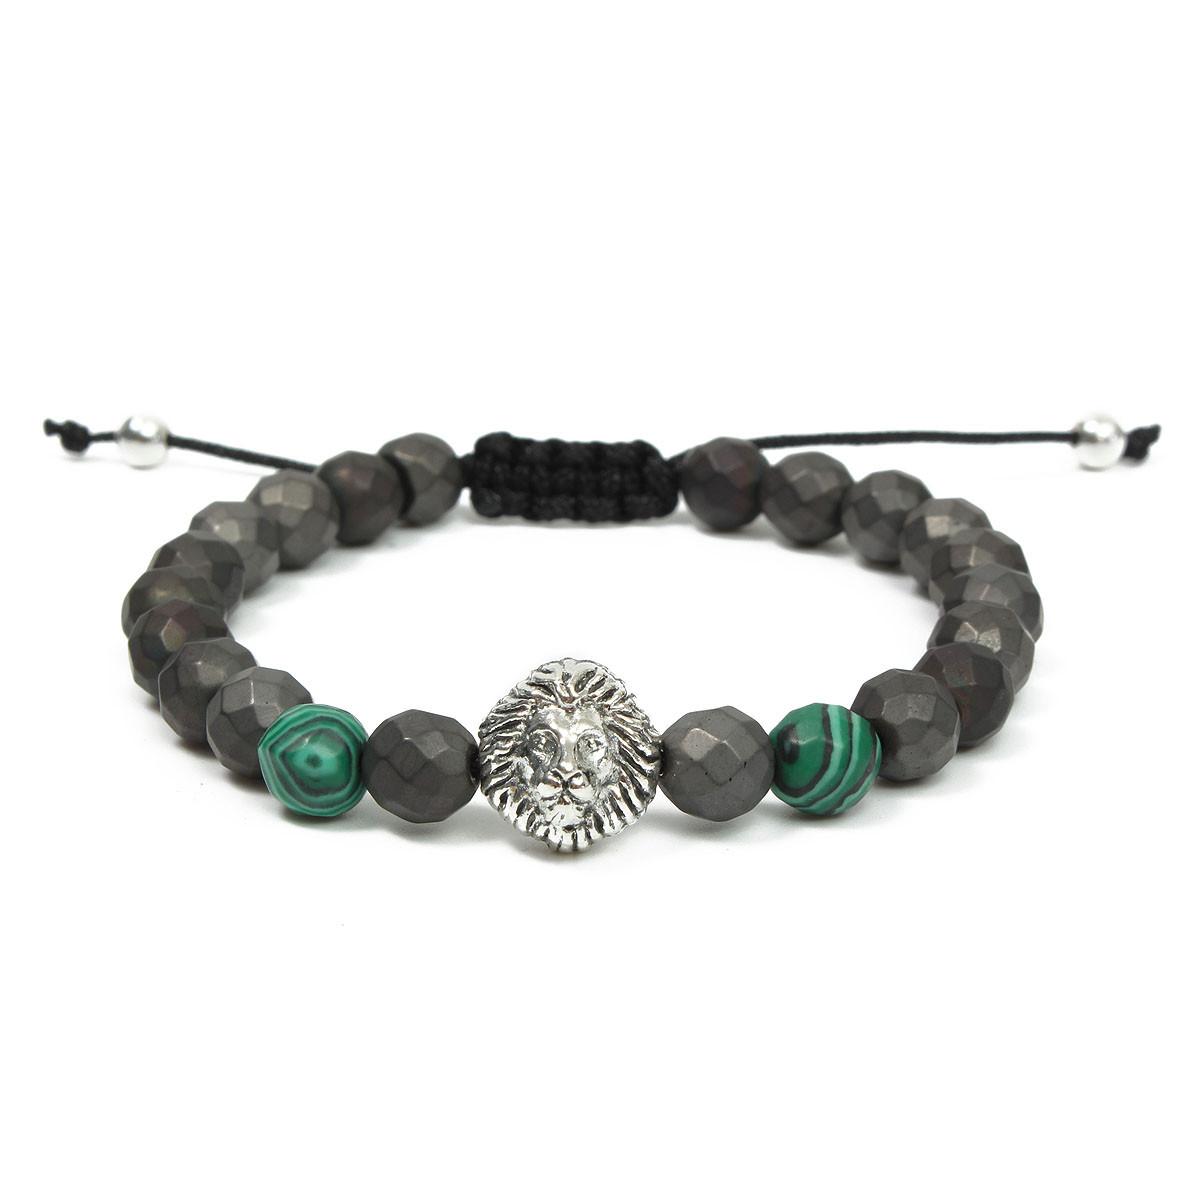 8mm Green Matte Lion Head Men Bracelet Series Jewelry Chain